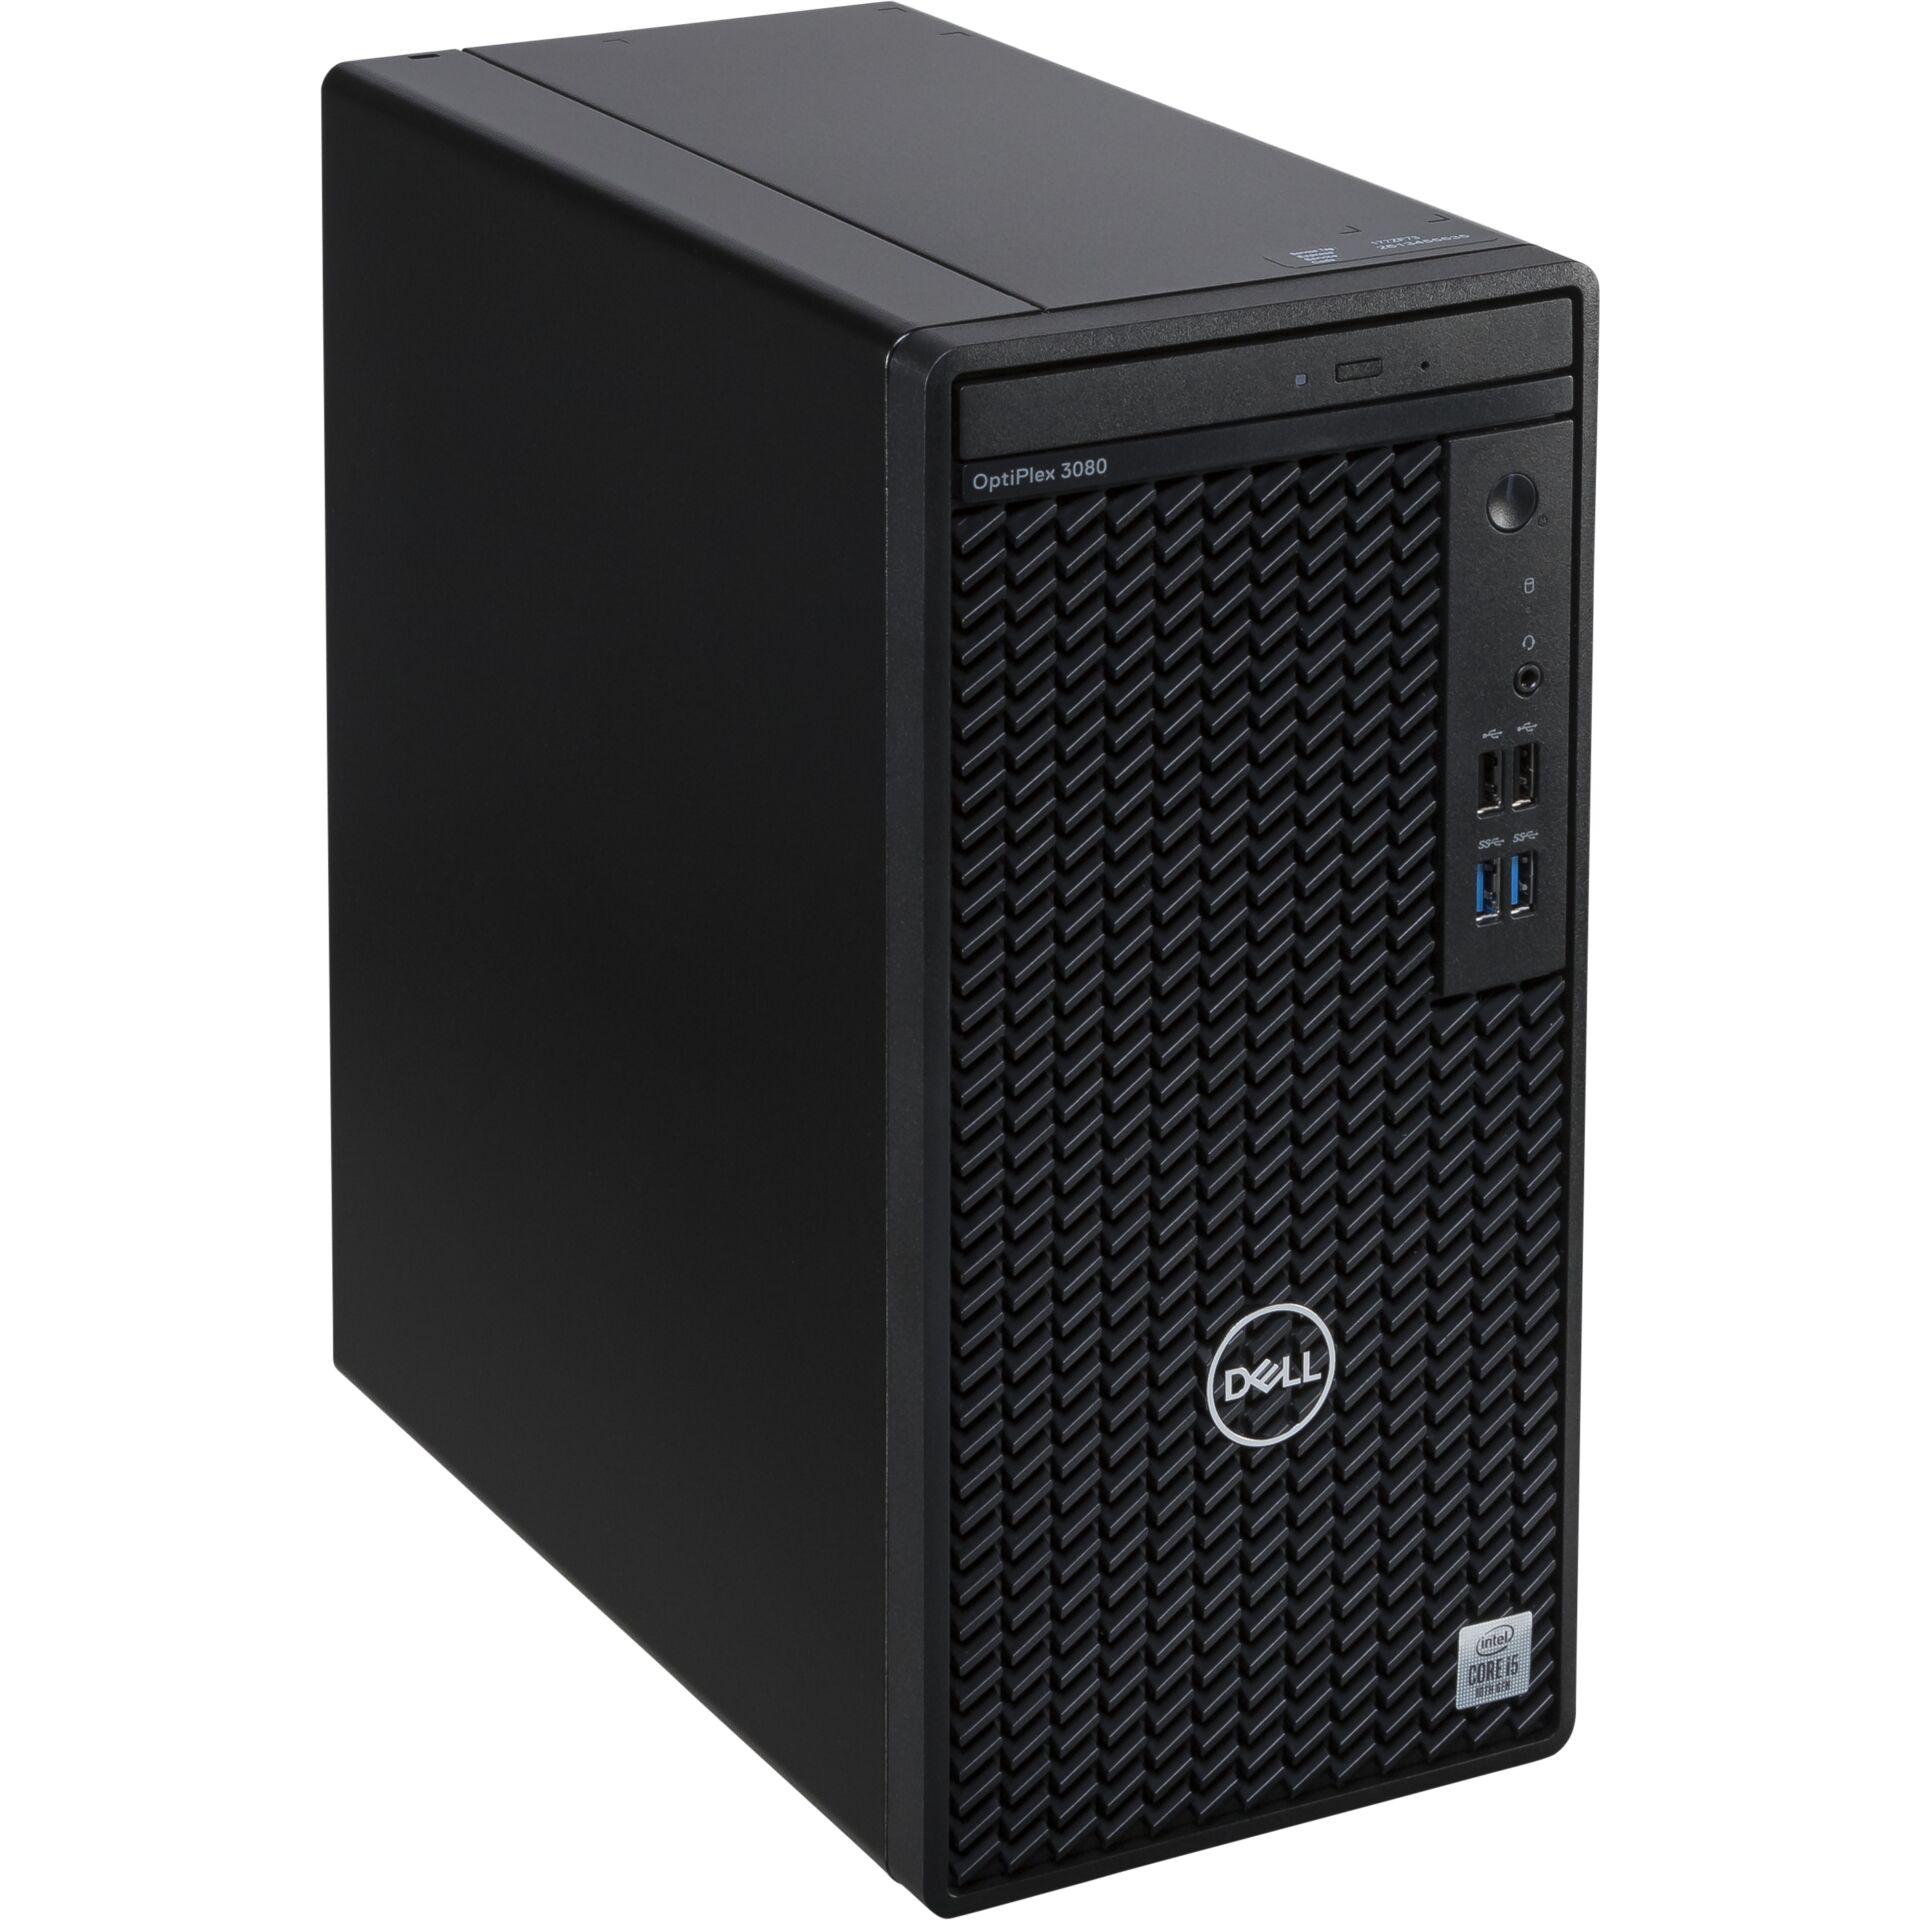 Dell Optiplex 3080 MT Ci5 8GB 256GB SSD Win 10